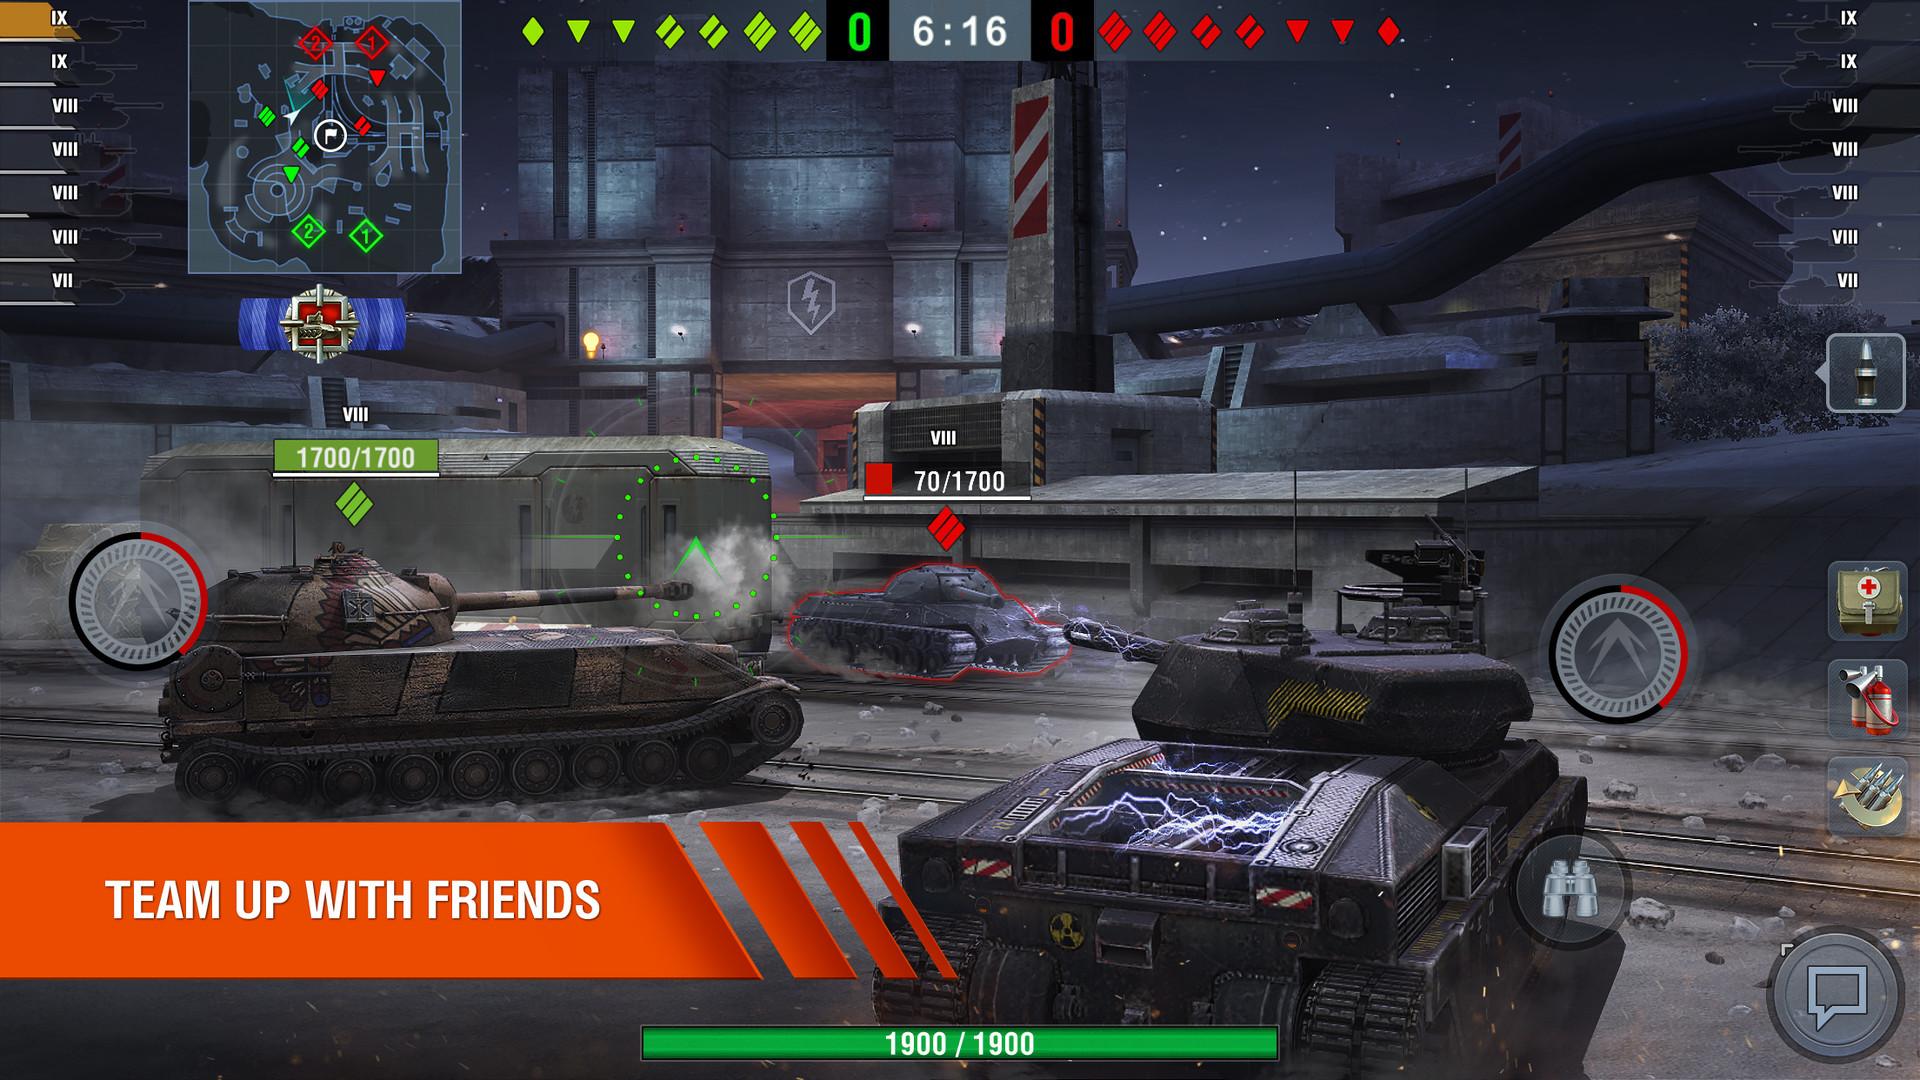 mondo di carri armati Blitz matchmaking Quando la datazione diventa esclusiva